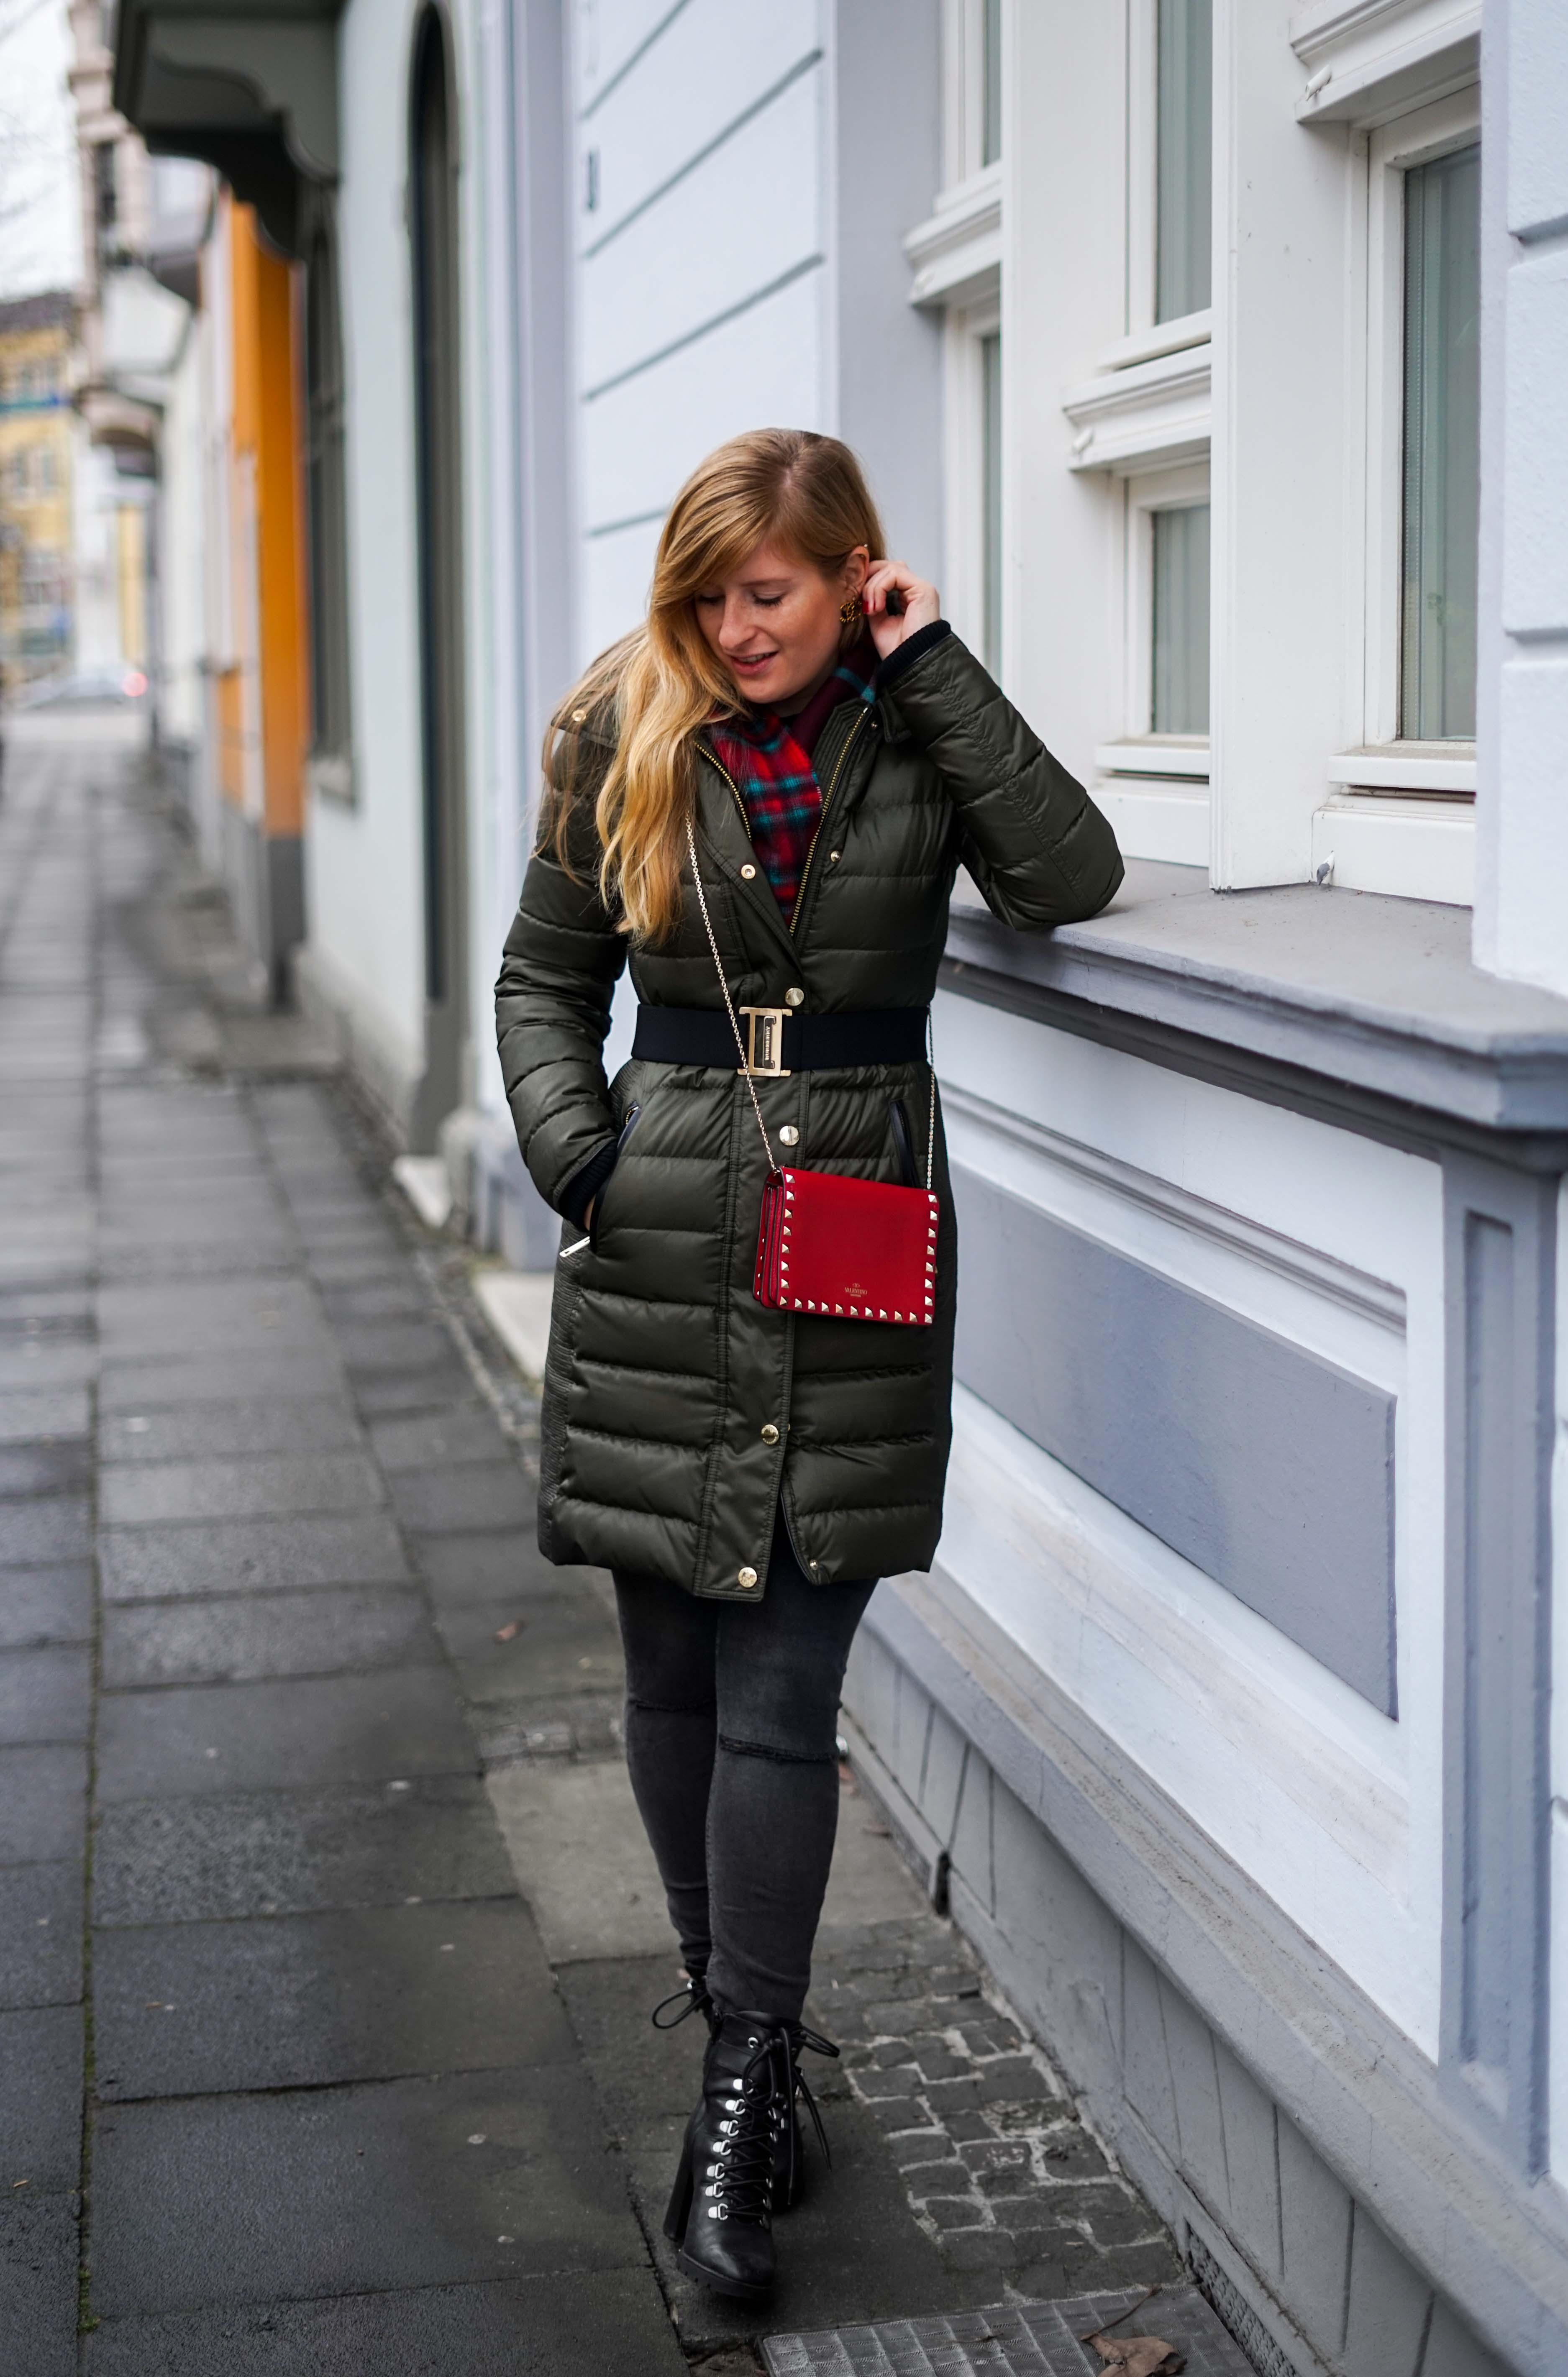 Burberry Winterjacke Grün Modeblog Winter Outfit Bonn Stiefeletten kombinieren 91